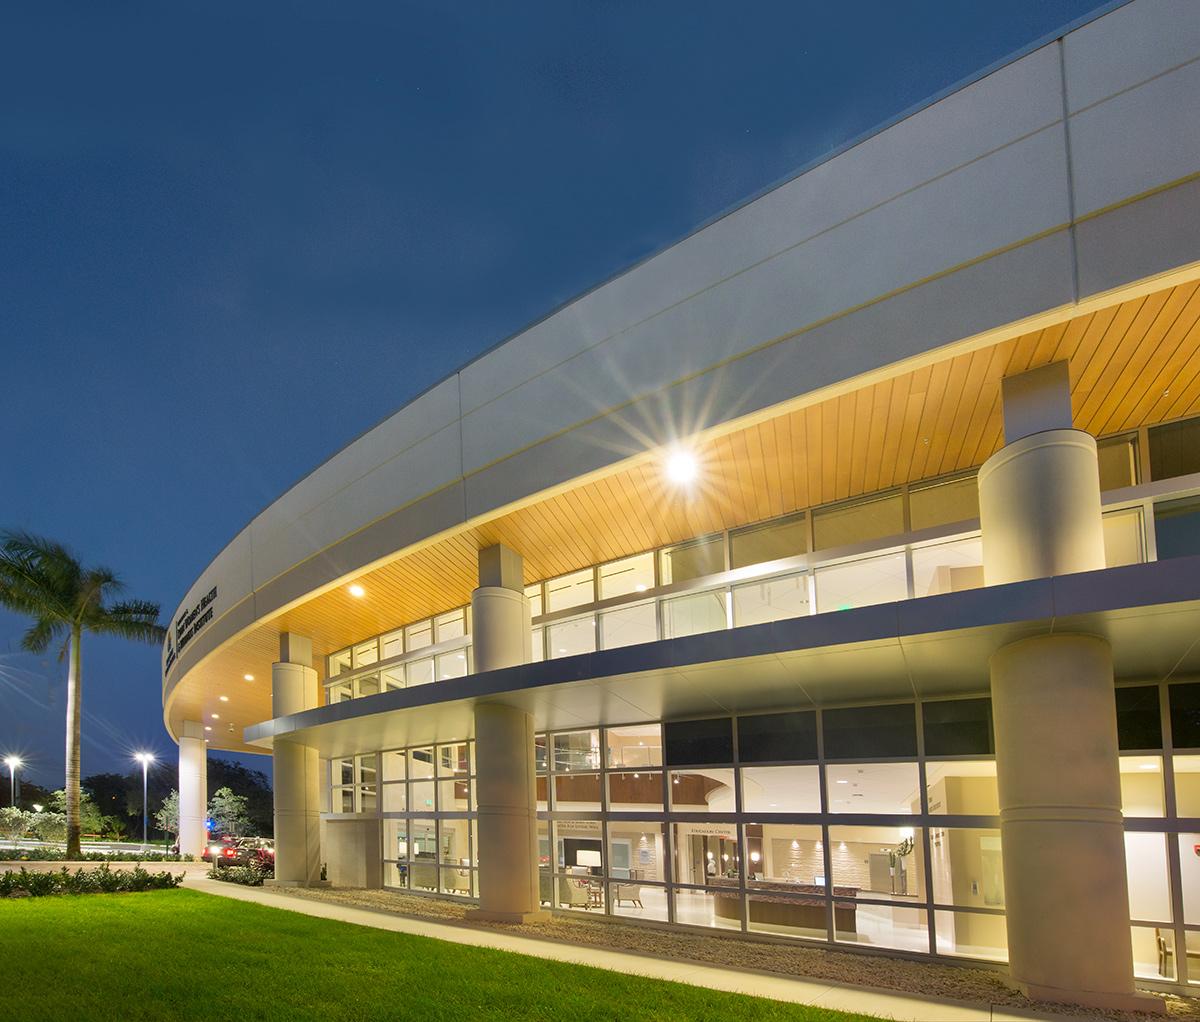 Miami In Focus Photo Gallery Of Boca Raton Regional Hospital Women 39 S Institute